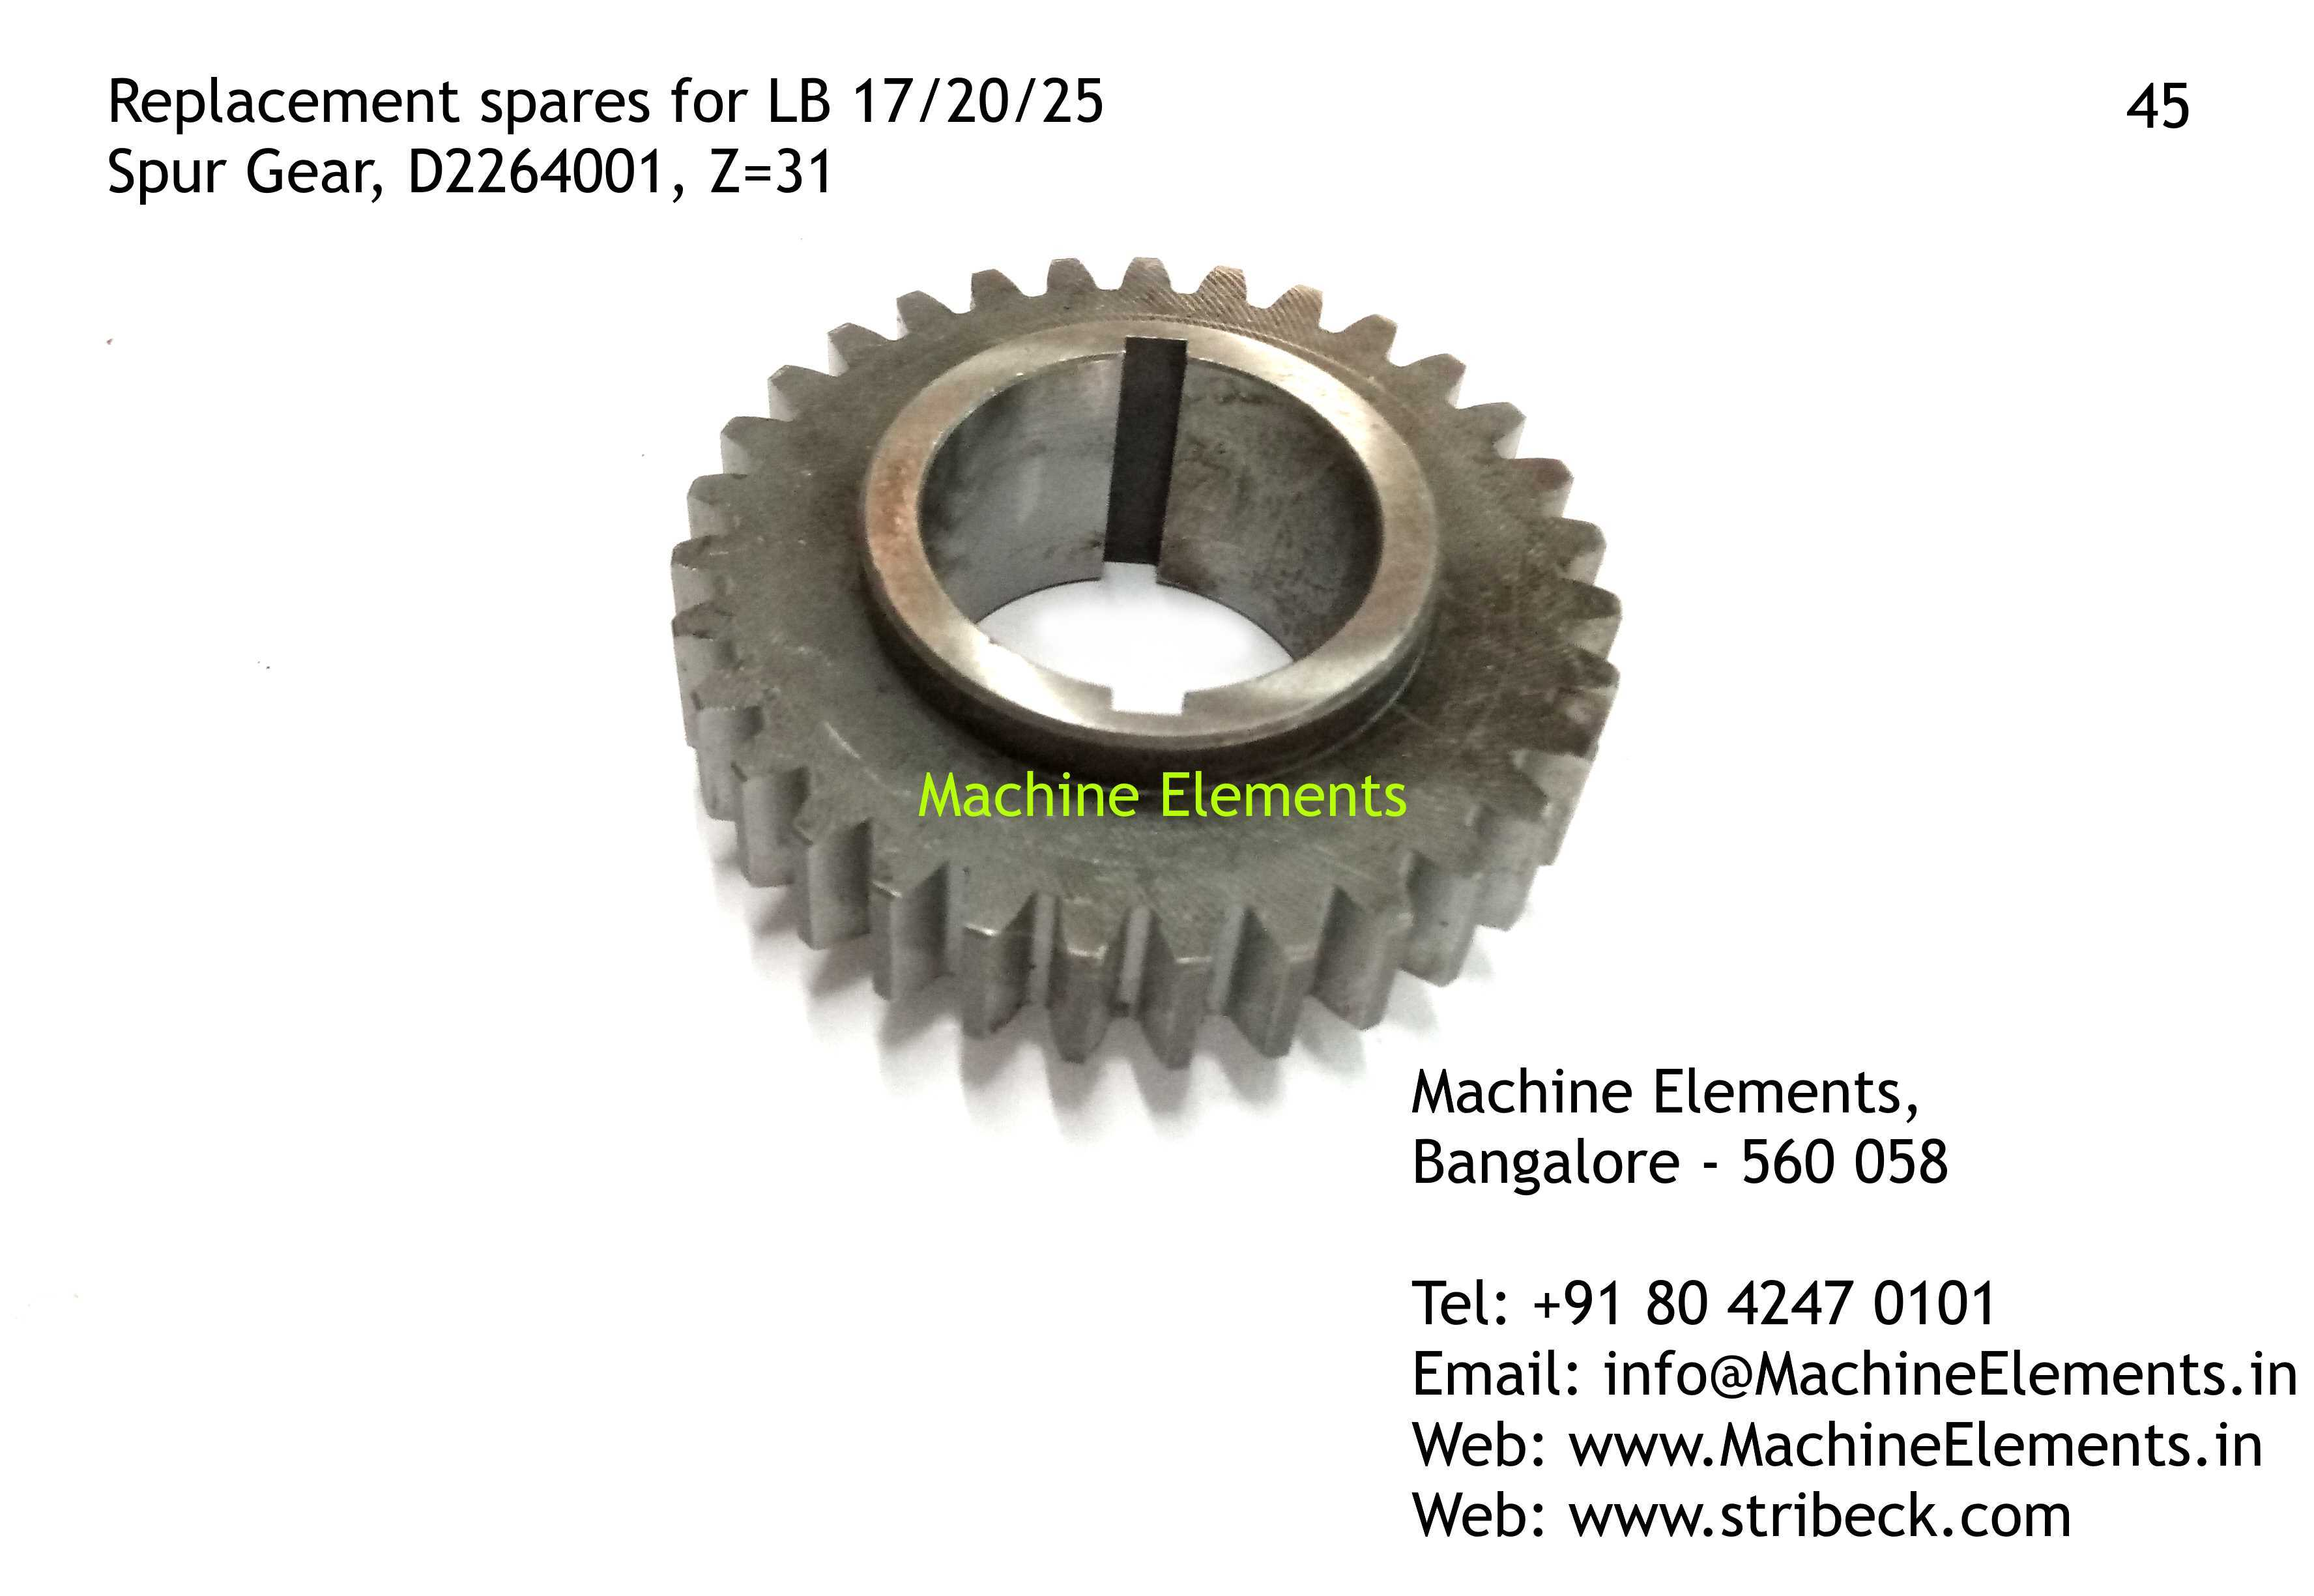 Spur Gear, D2264001, Z=31